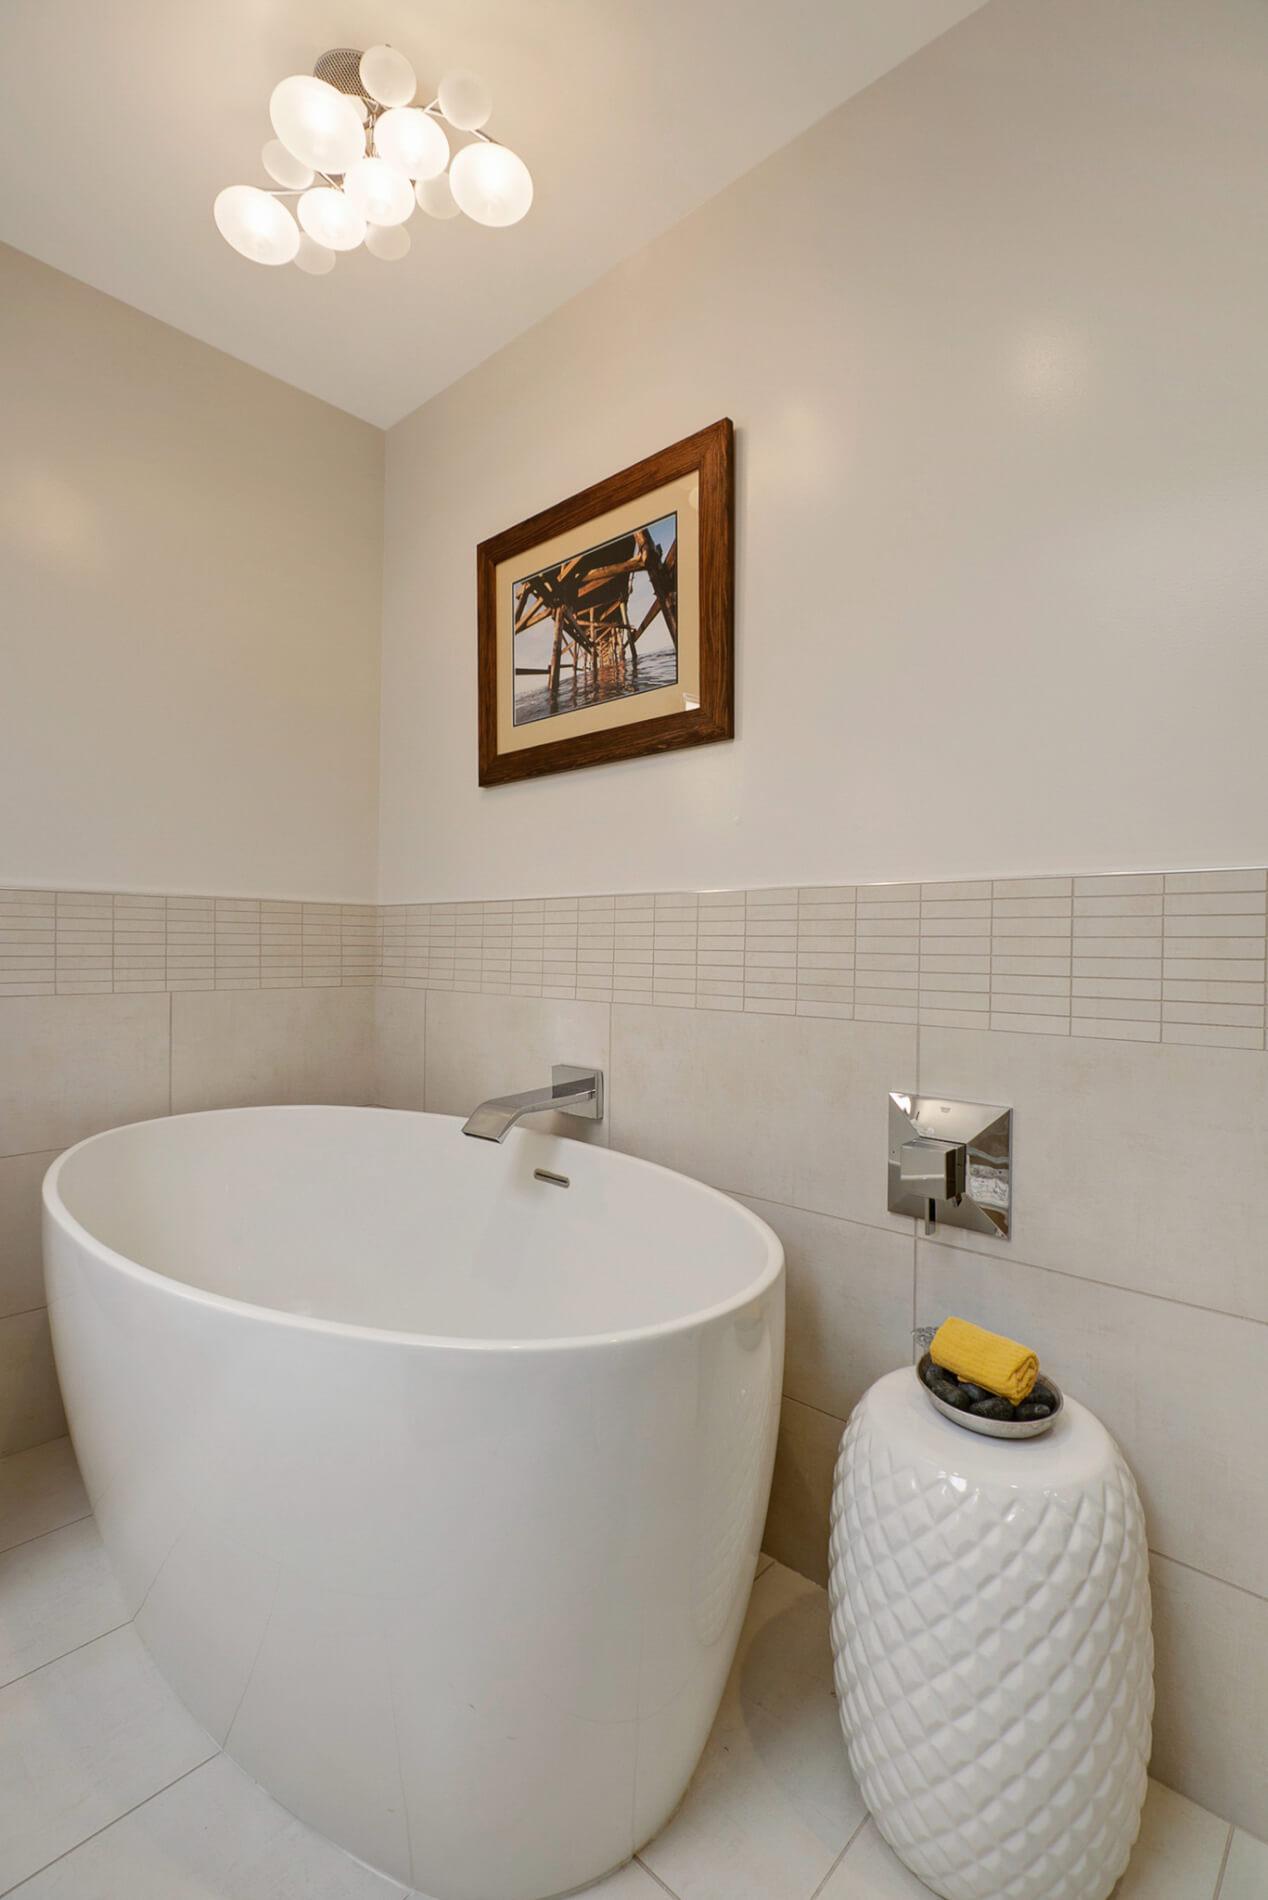 Bathroom design trends remodeling guide